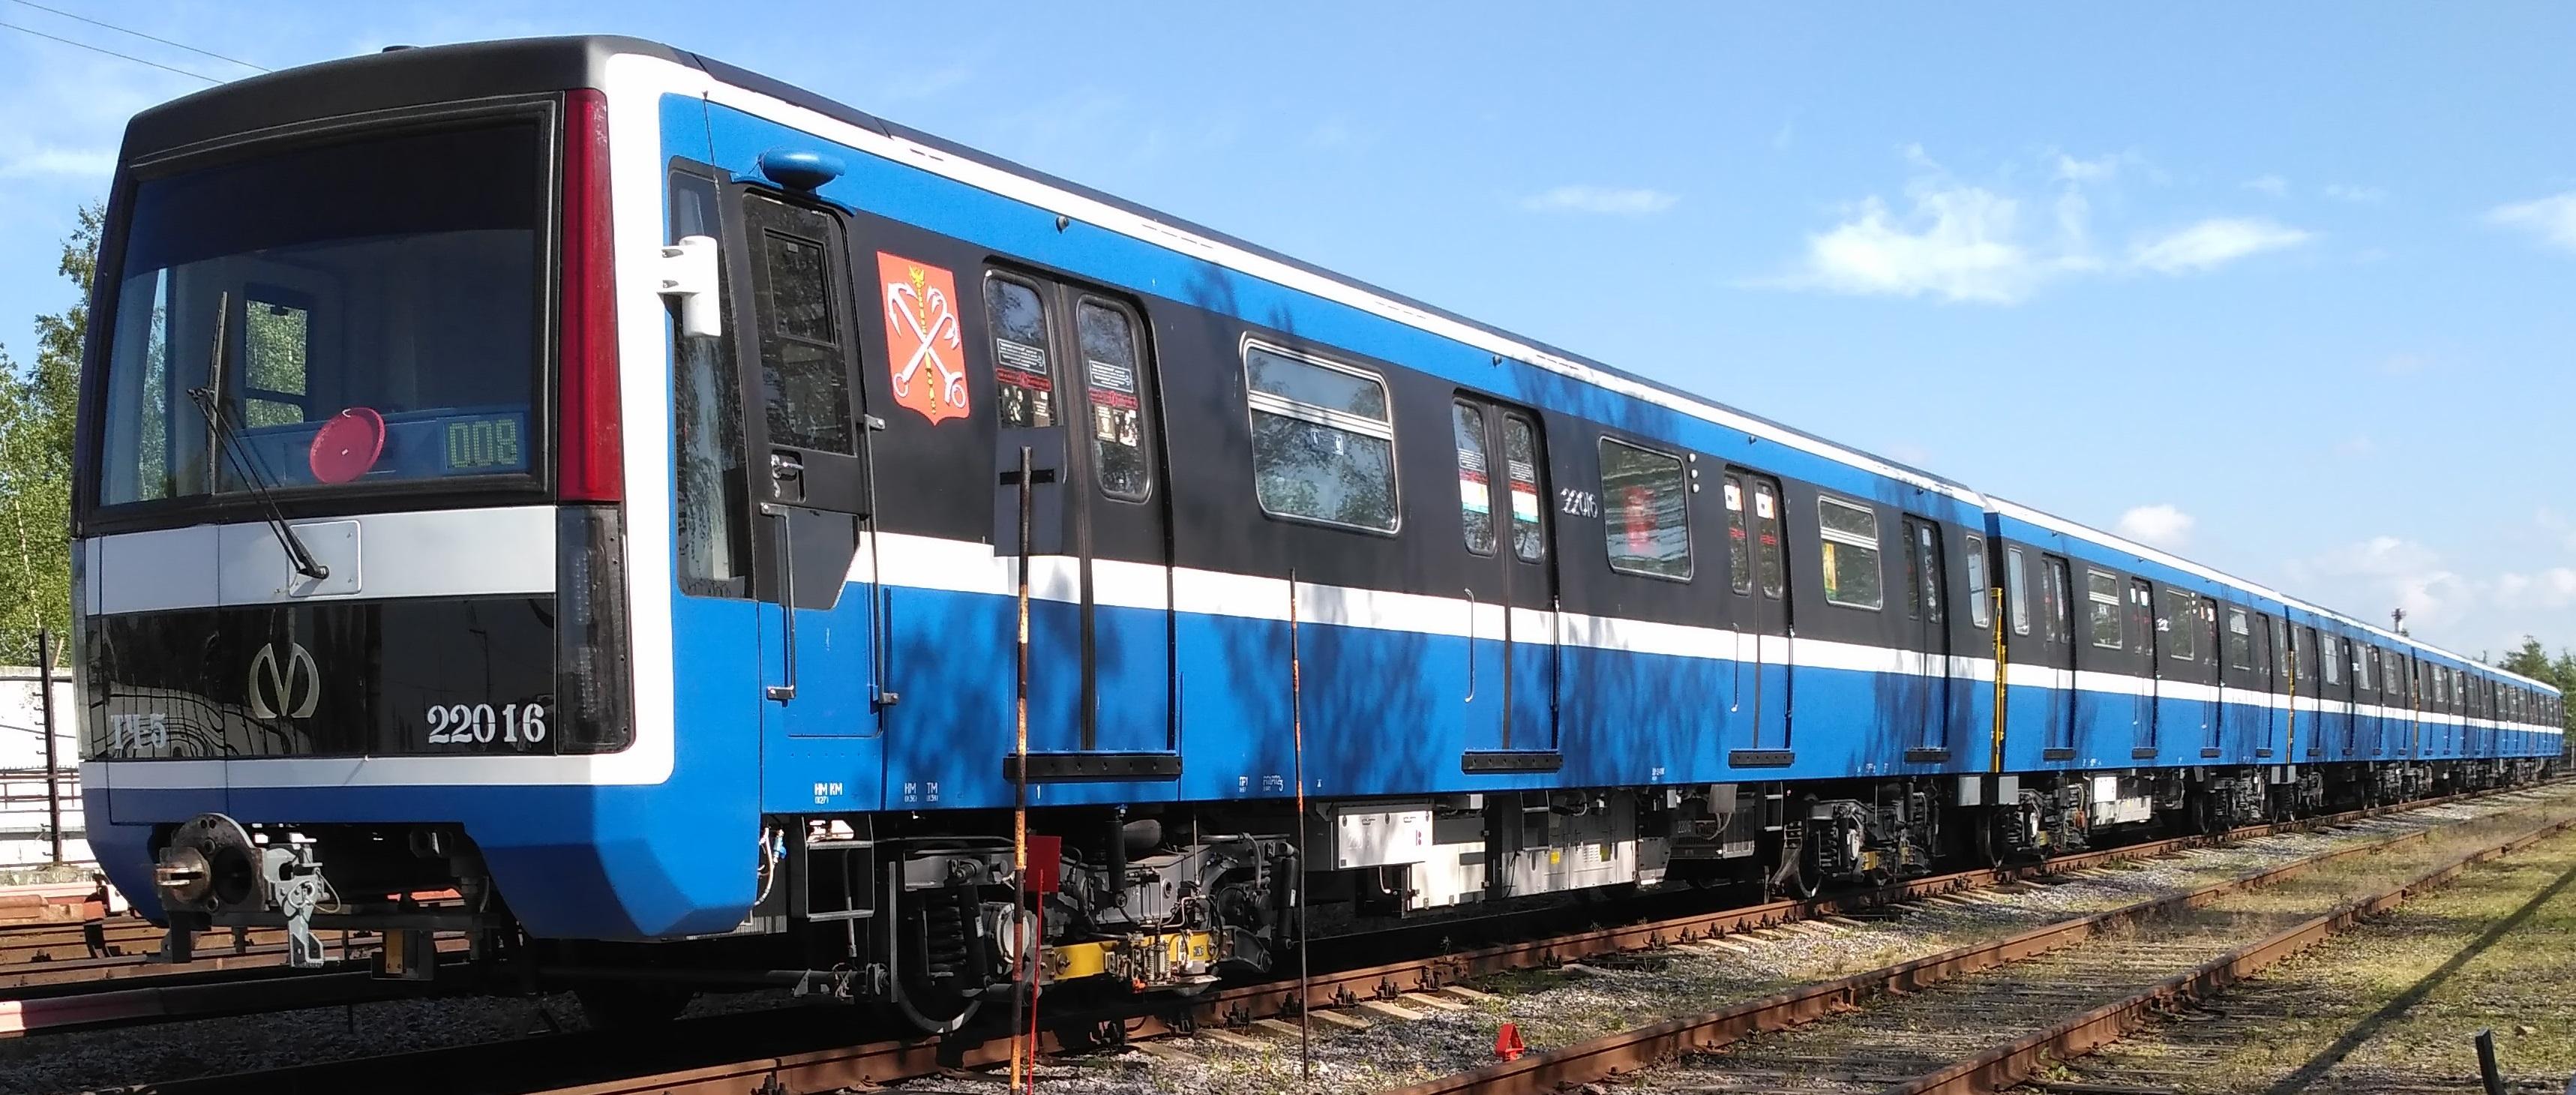 цветовая схема окраски вагонов петербургского метро